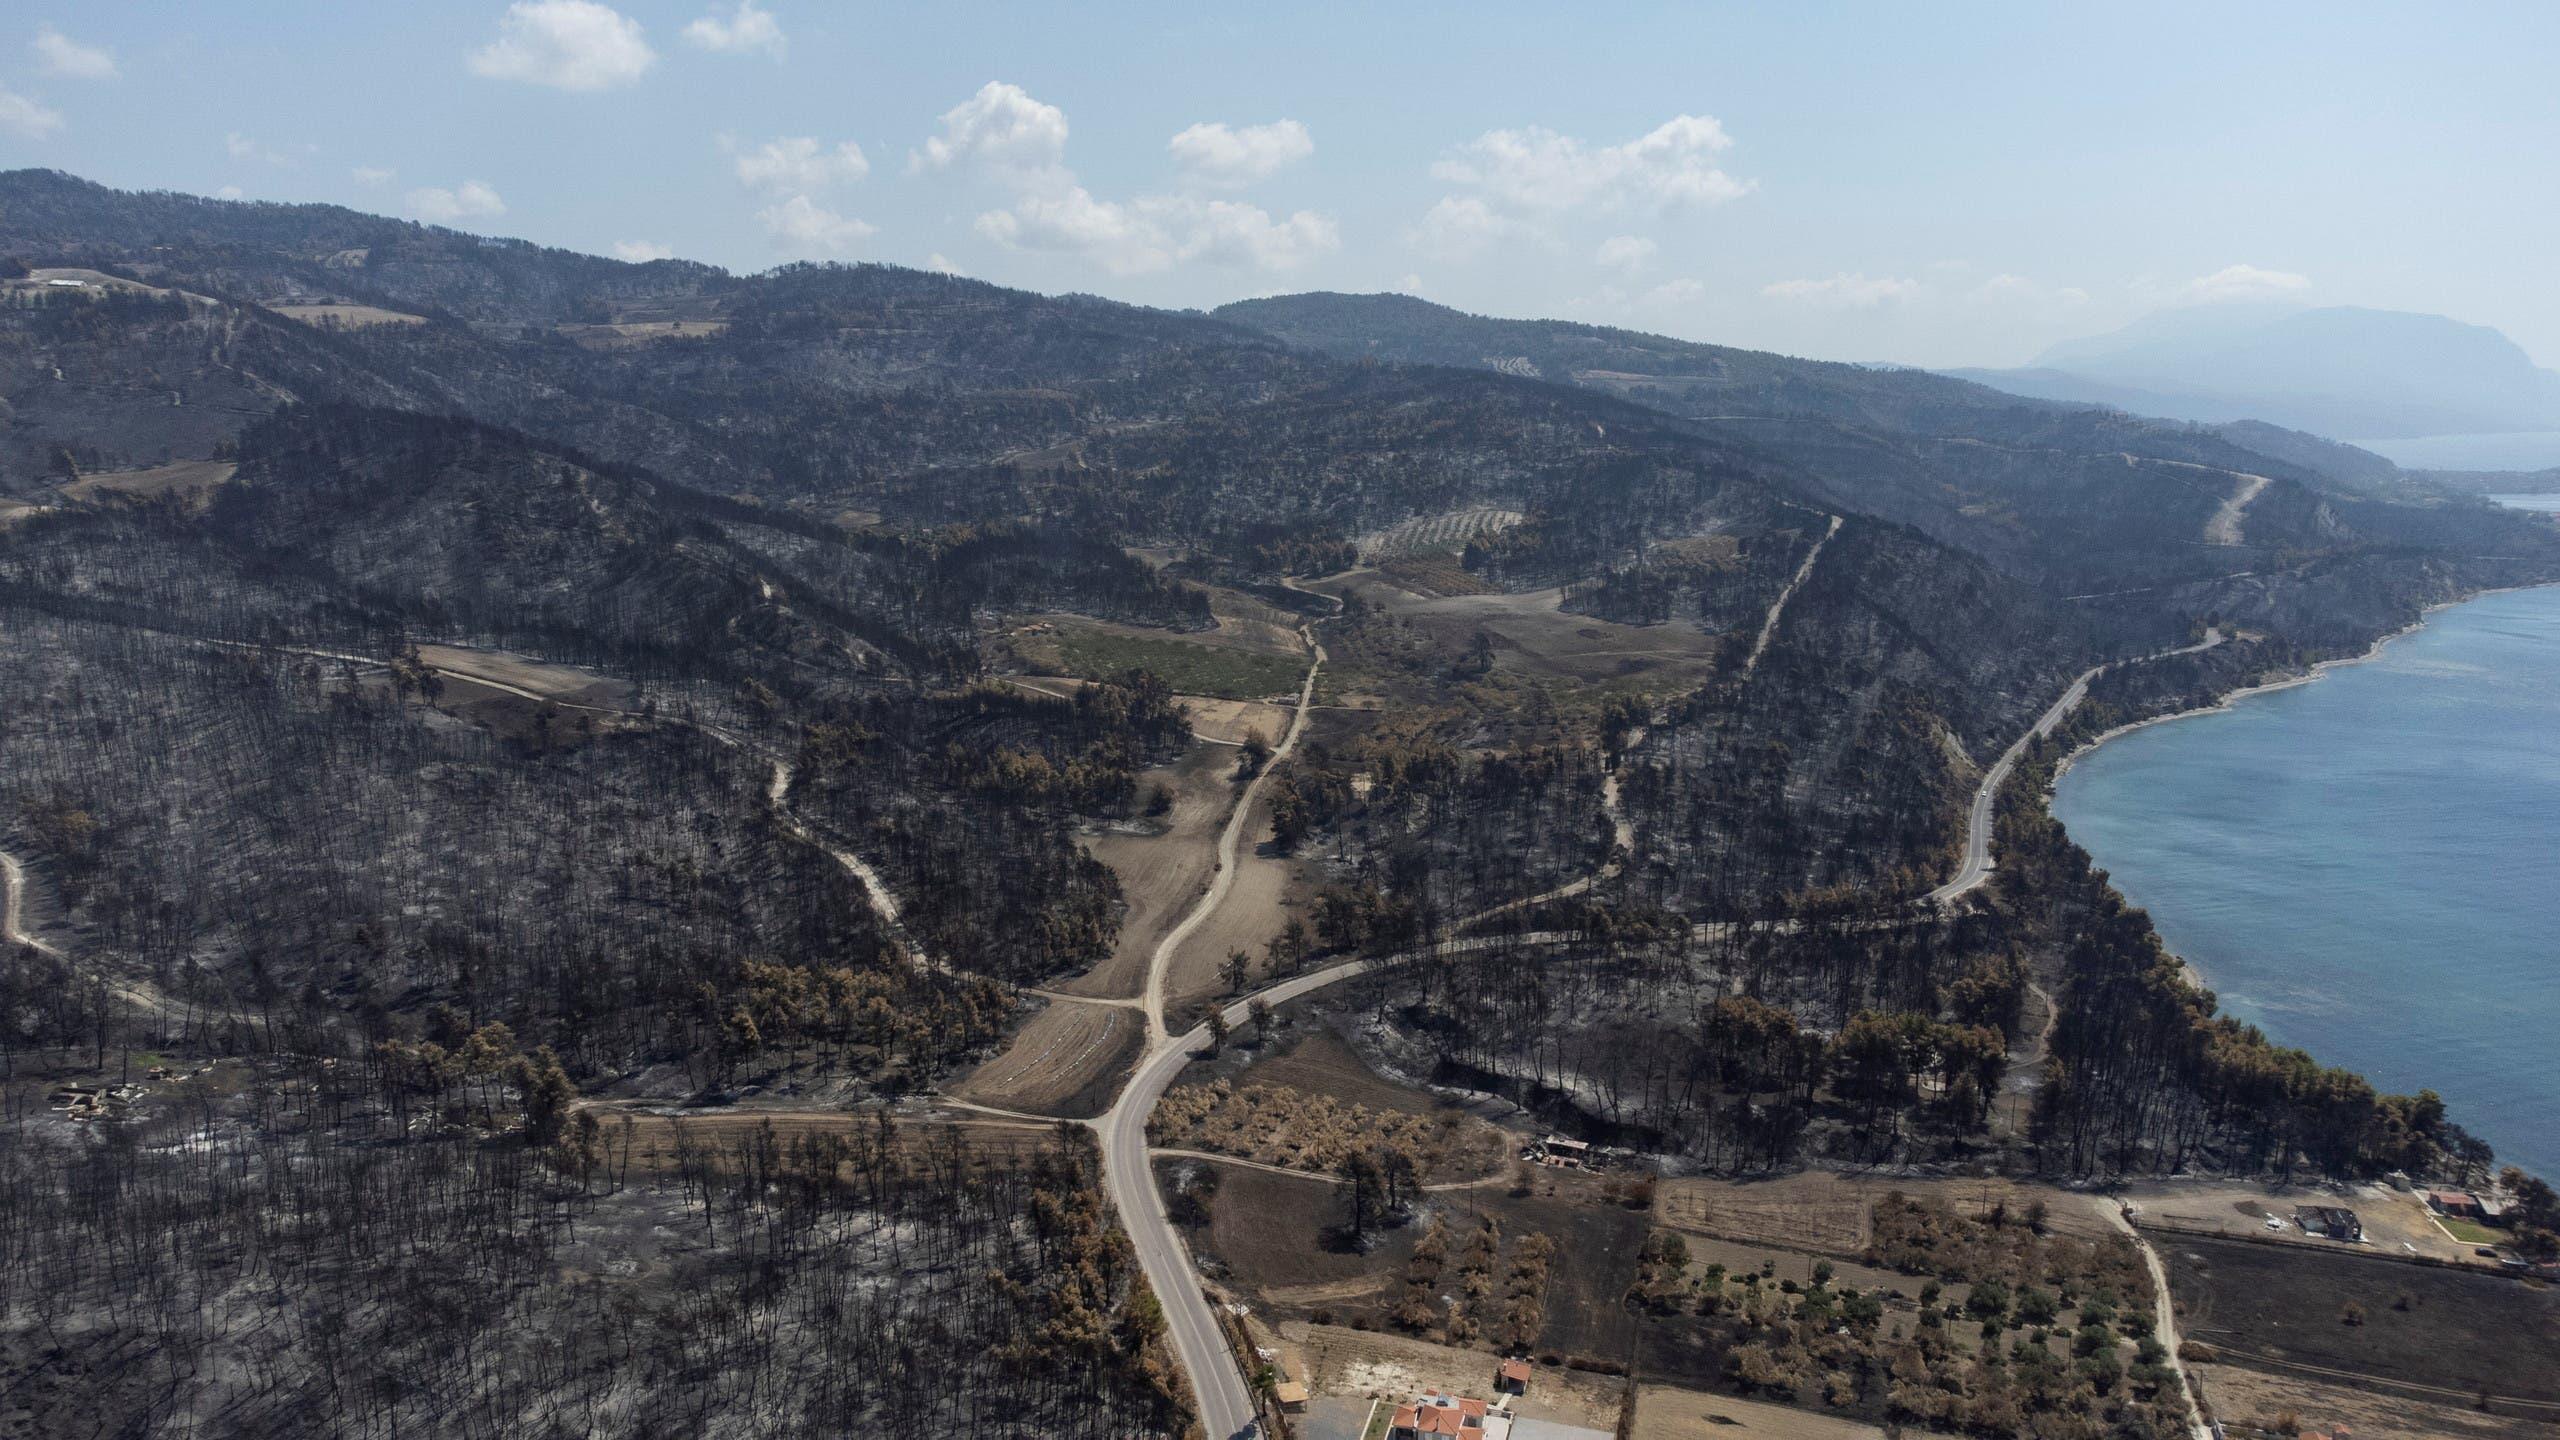 مساحات حرجية دمرتها الحرائق في اليونان